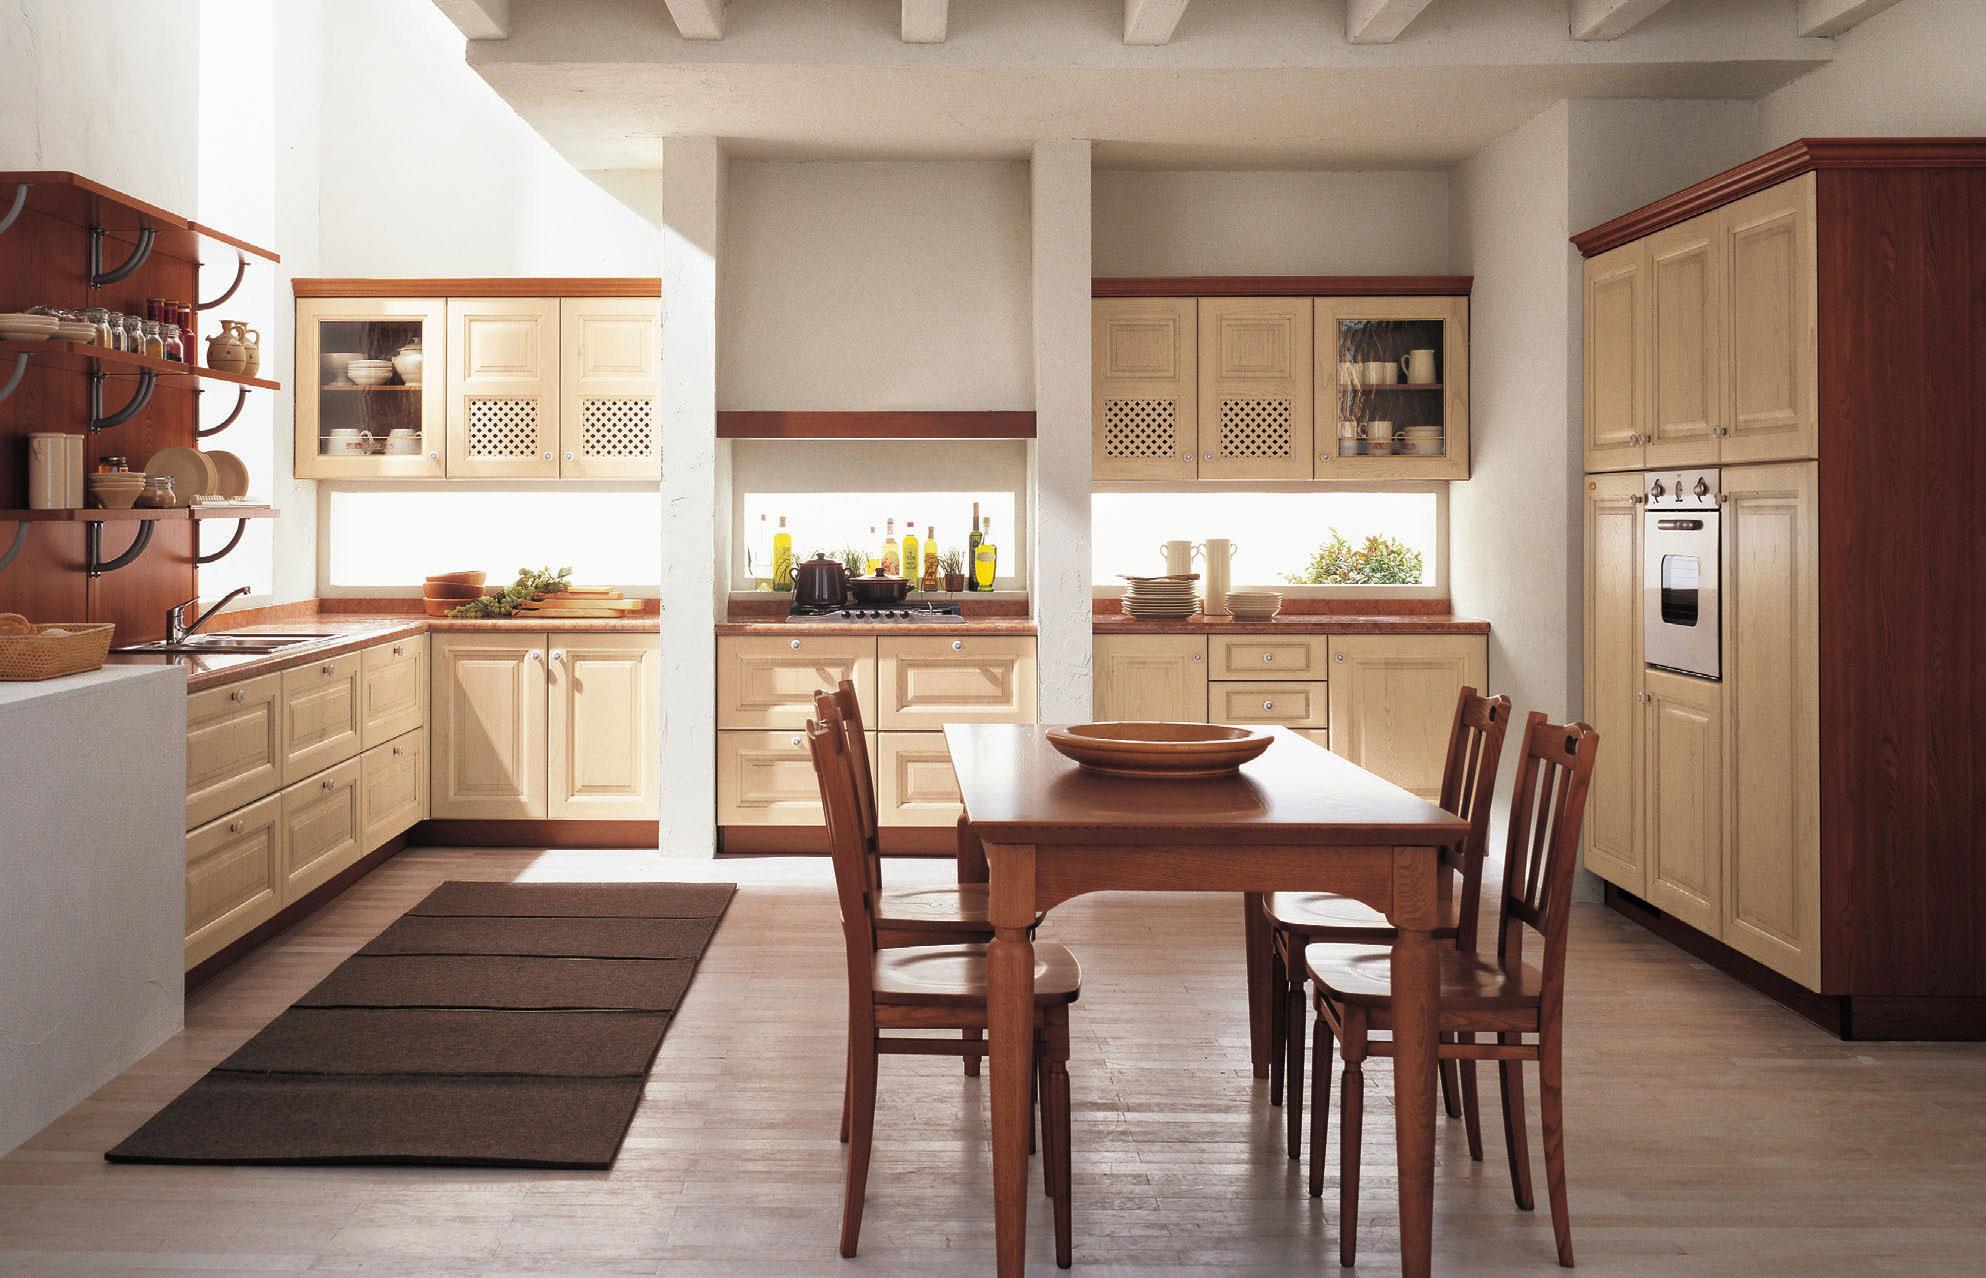 Бежево-коричневая кухонная мебель